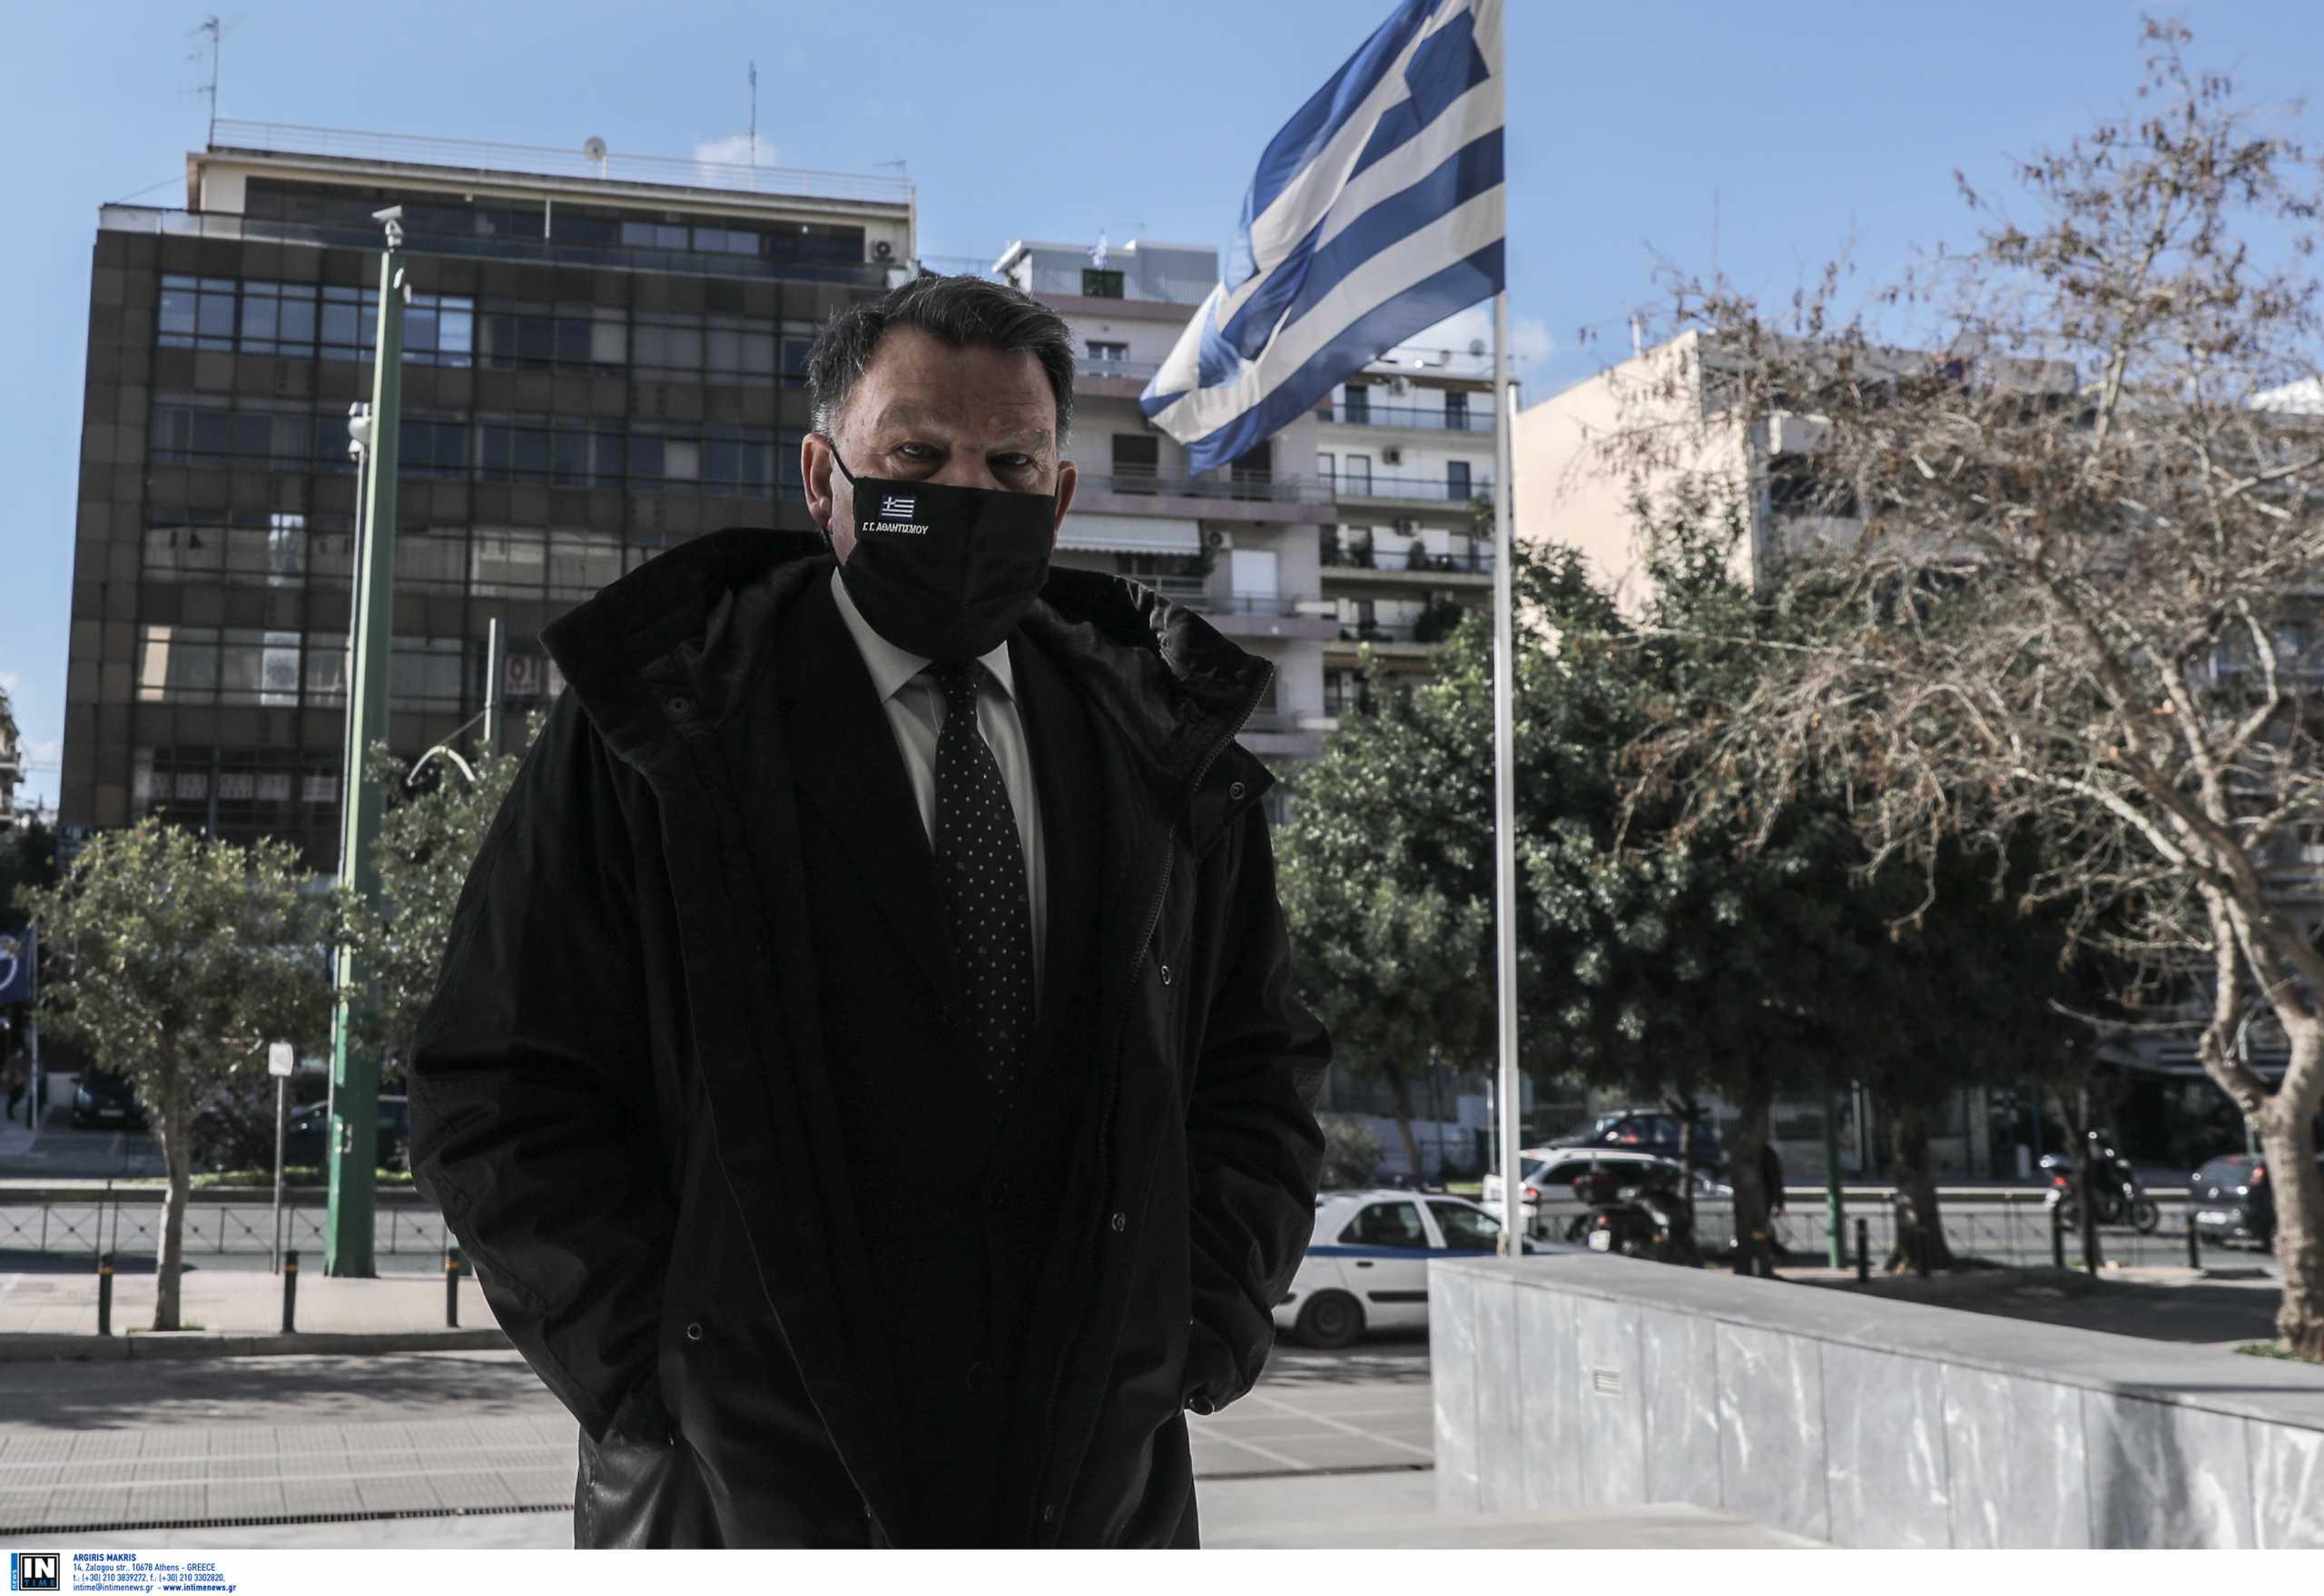 Αλέξης Κούγιας και Γιάννης Βλάχος αντιμέτωποι με πειθαρχική δίωξη για την υπόθεση Λιγνάδη